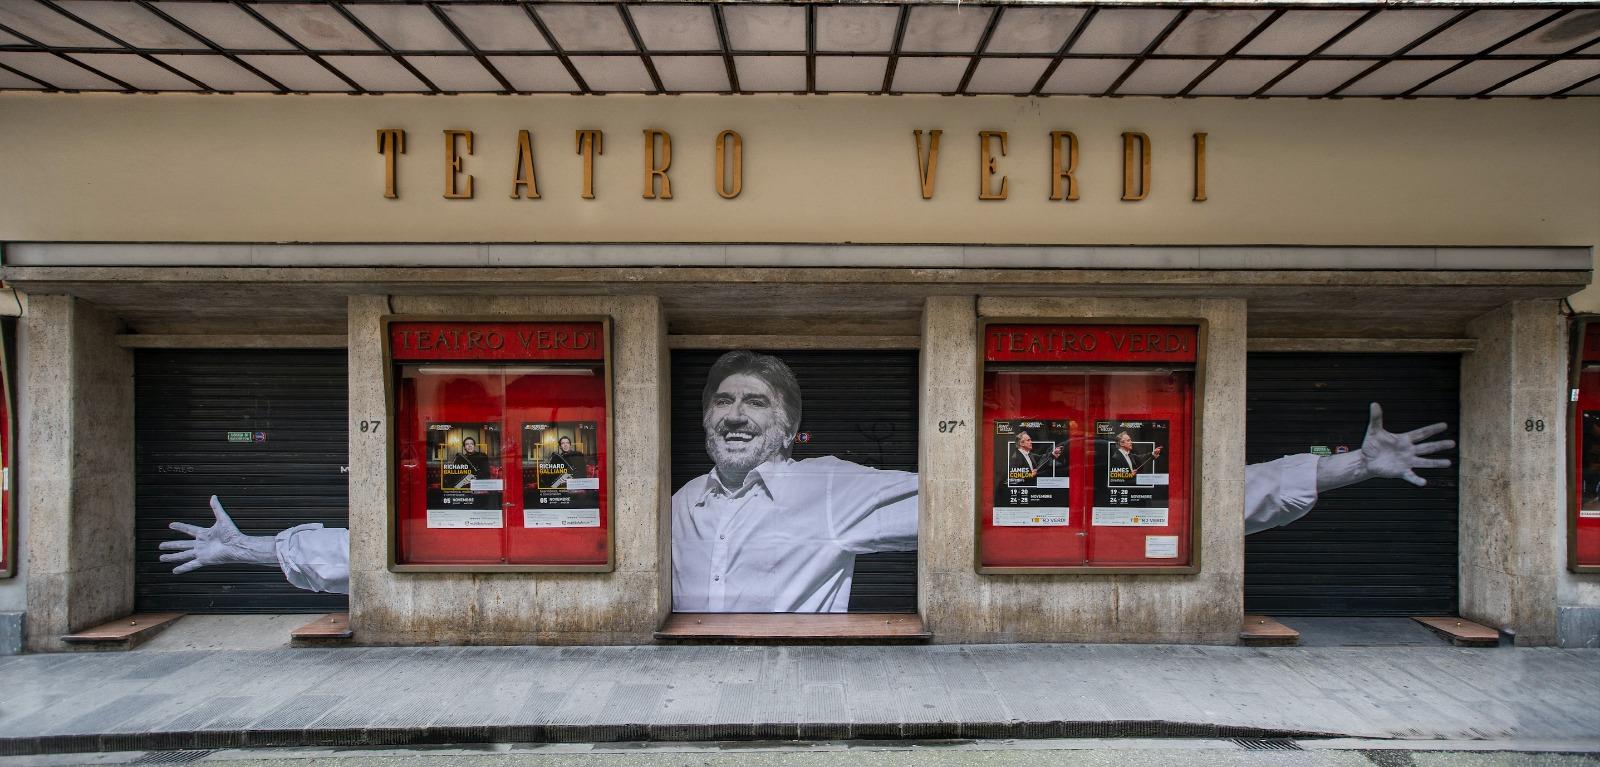 Omaggio a Gigi. Foto larga 7 metri al Teatro Verdi per il saluto a Proietti